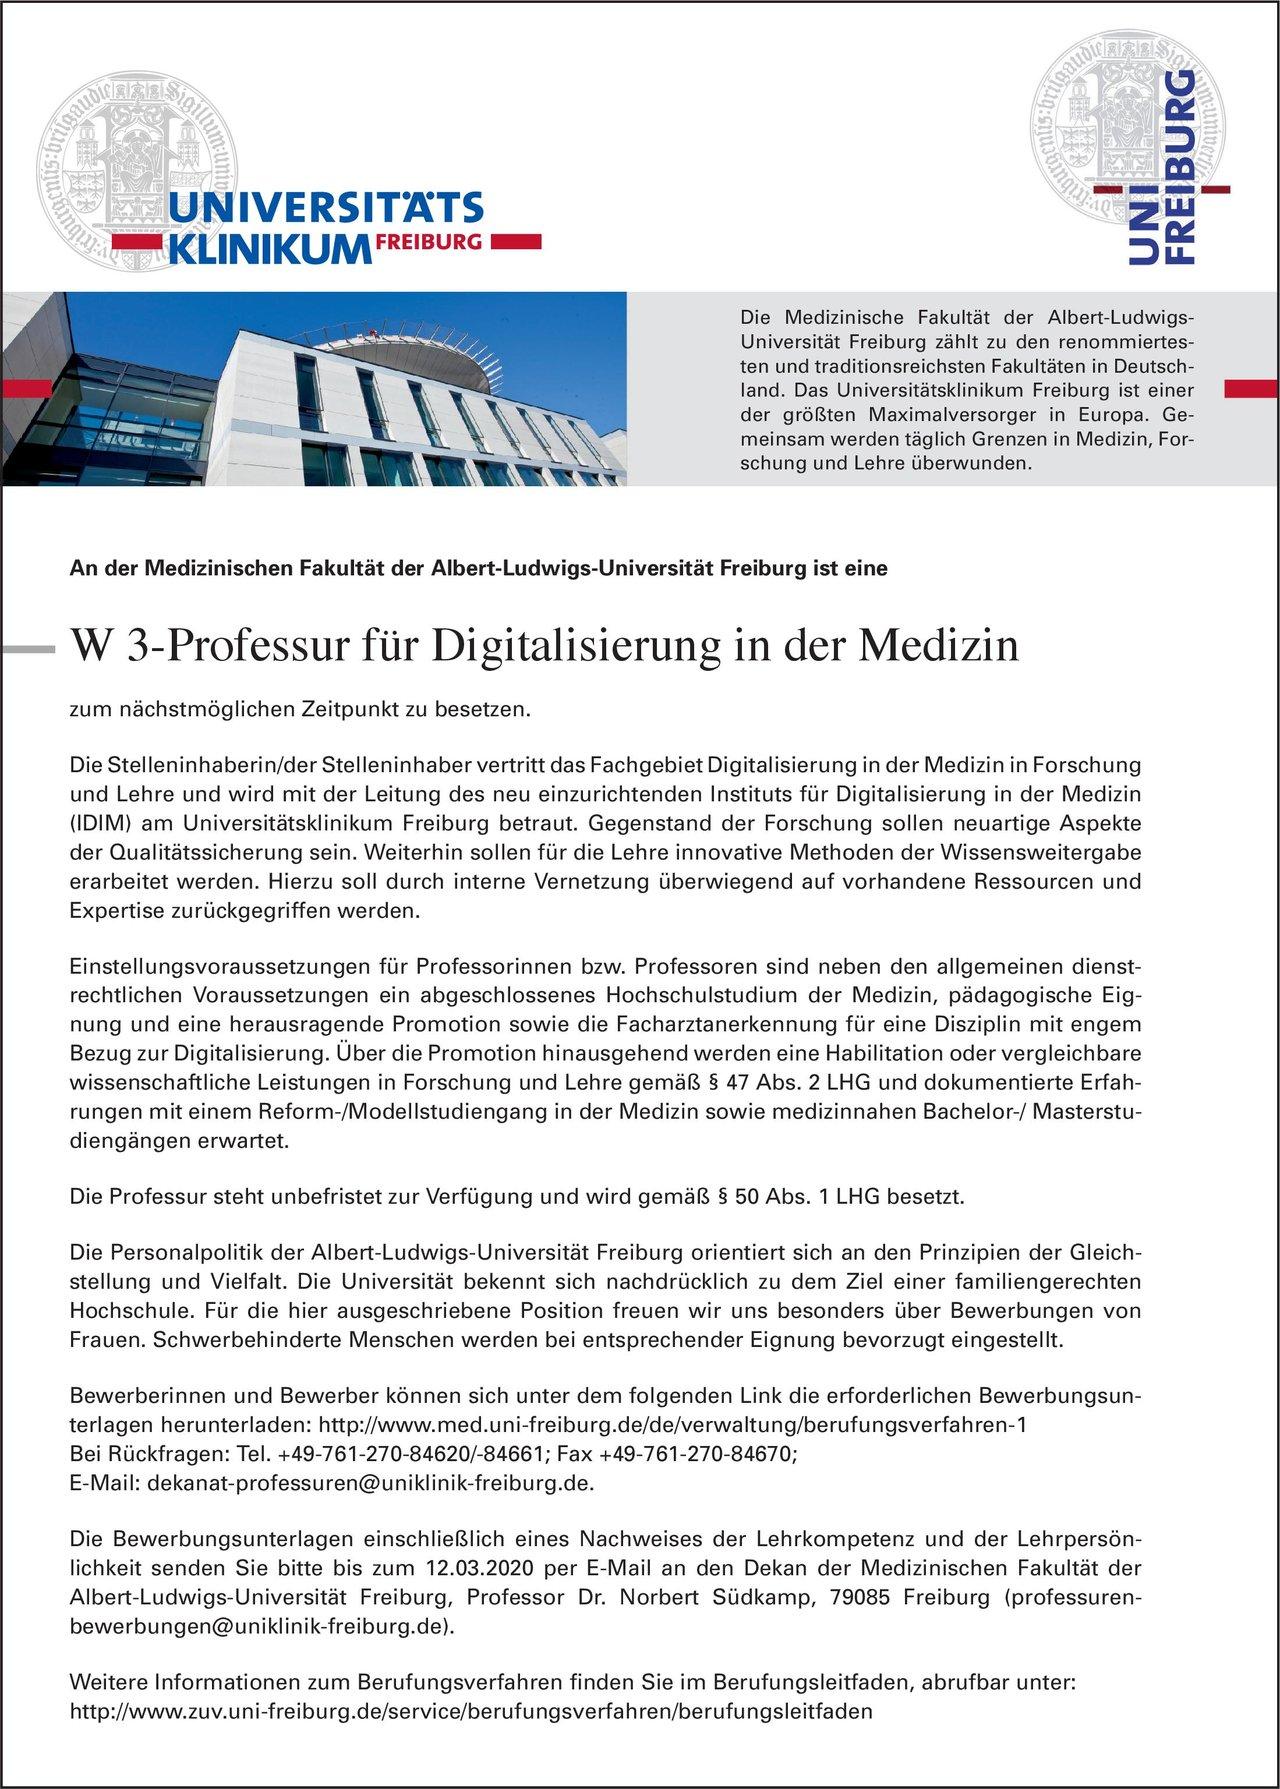 Universitätsklinikum Freiburg W 3-Professur für Digitalisierung in der Medizin * ohne Gebiete Professor